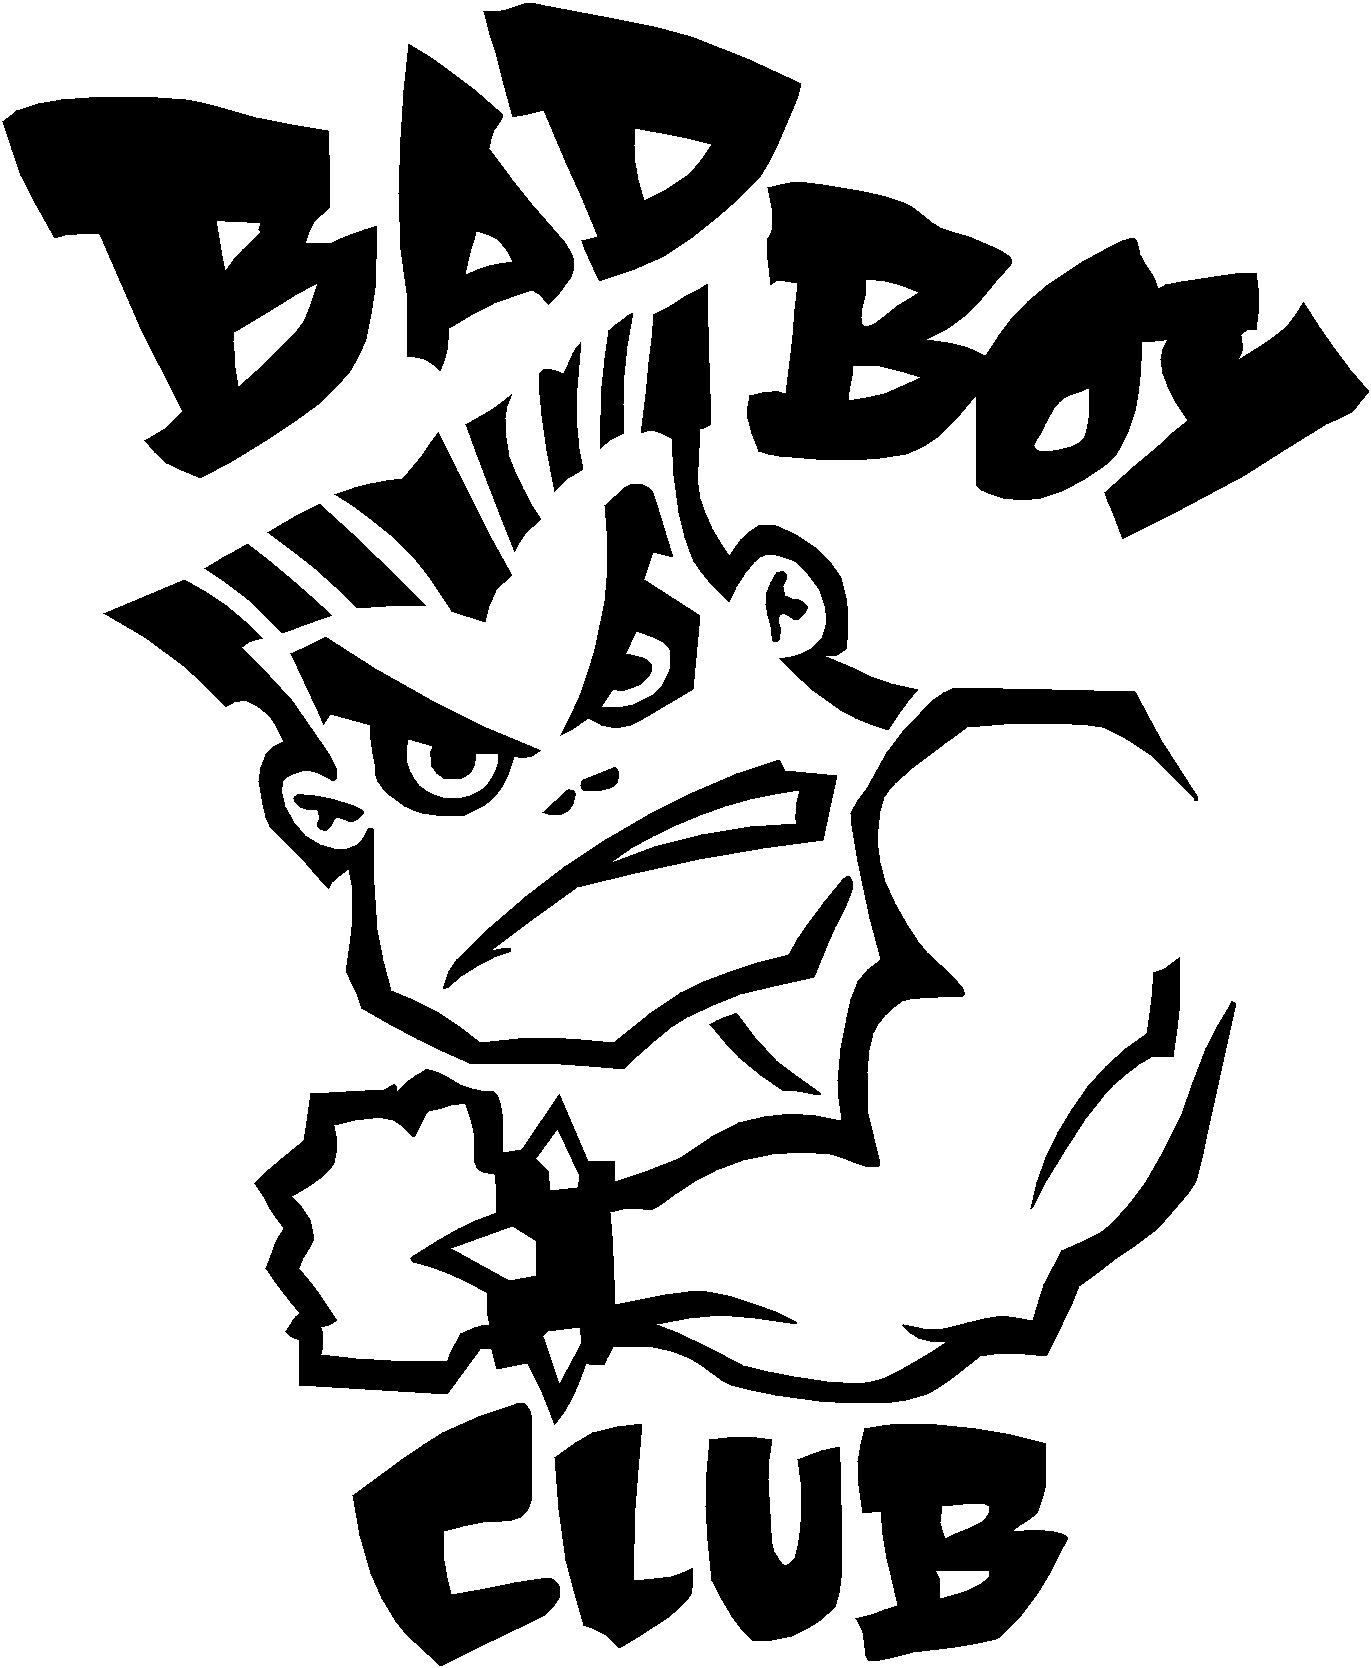 Bad Boy Club Logos